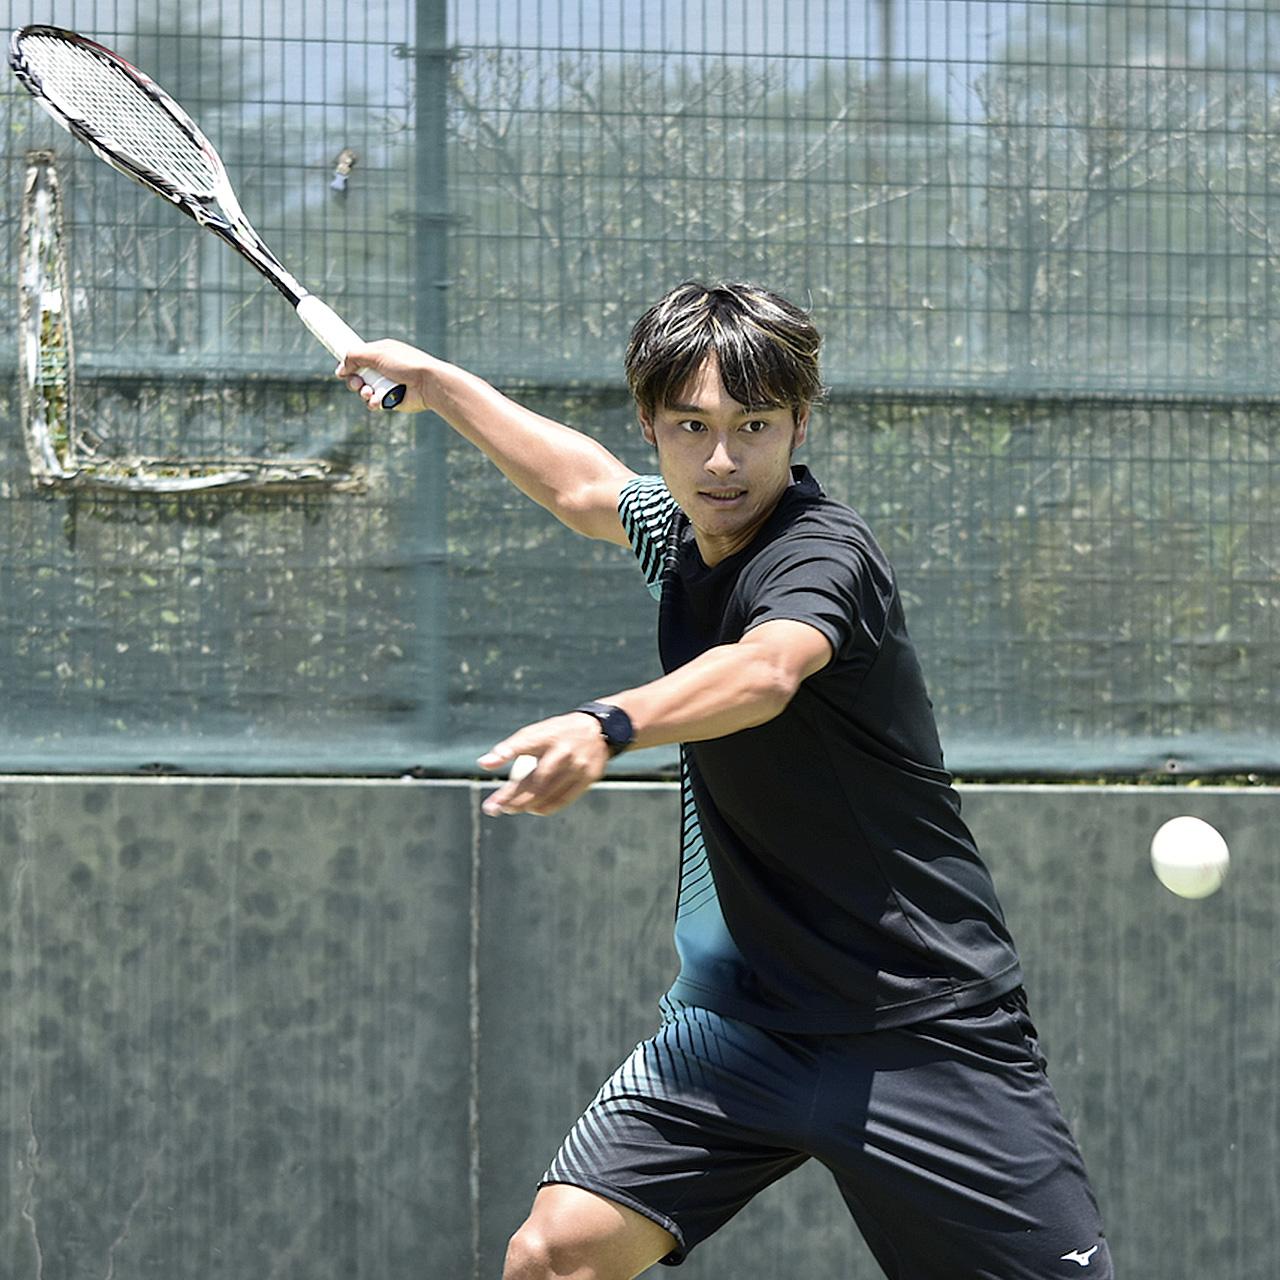 船水雄太選手が2020年度ナショナルチームメンバーとして選出